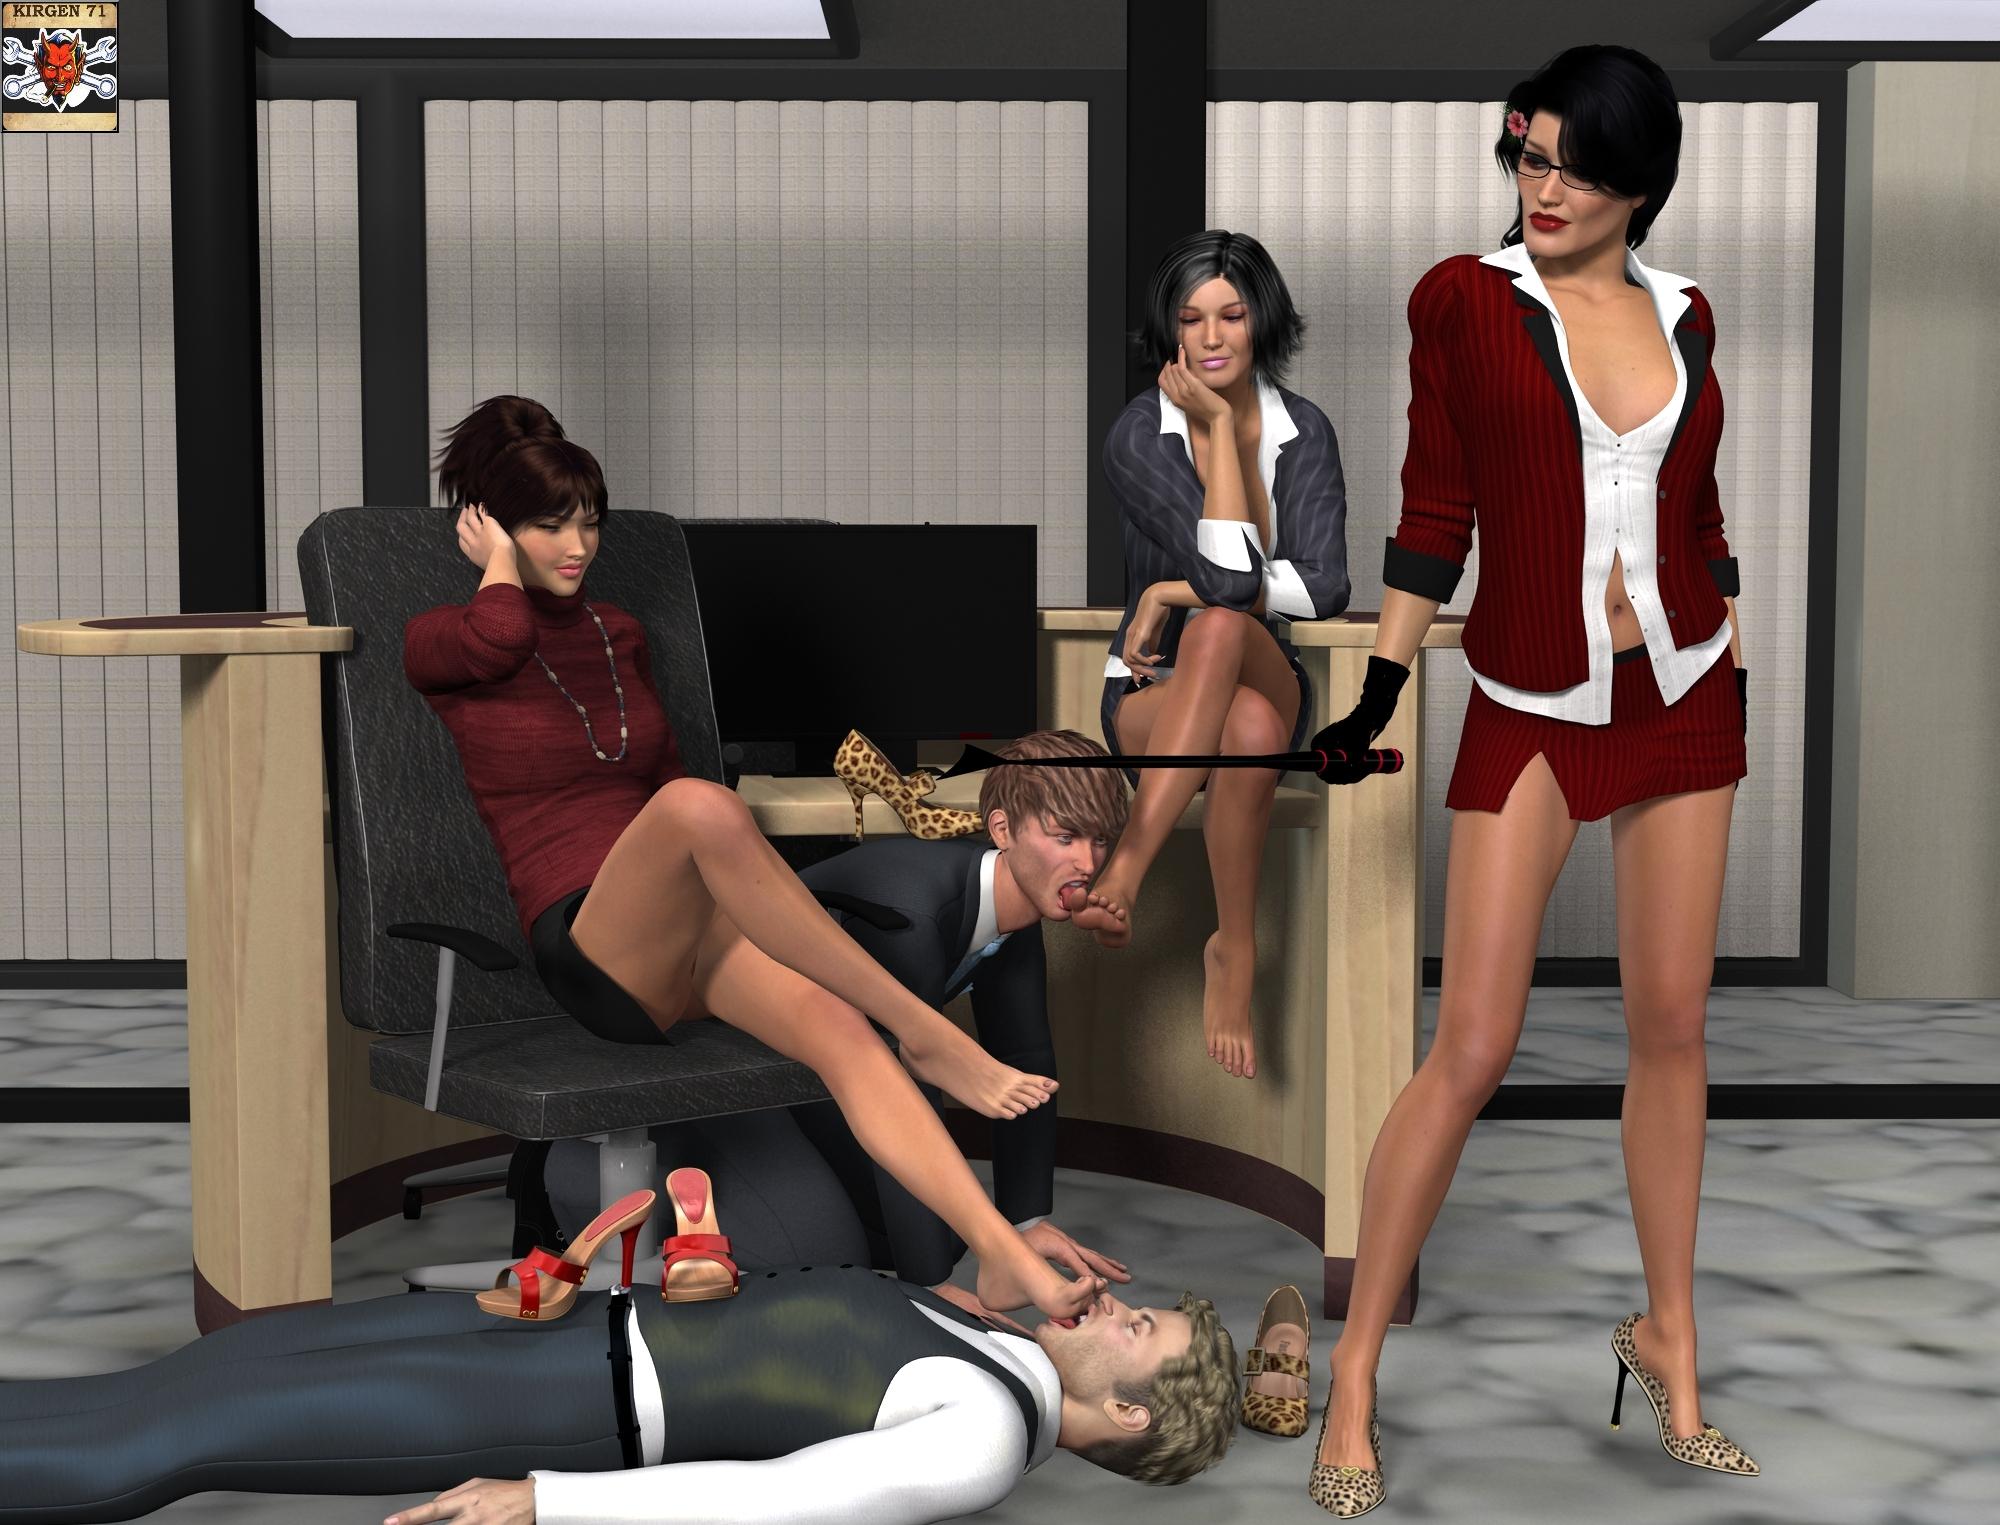 office_slave_2_by_kirgen71-d9806b6.jpg